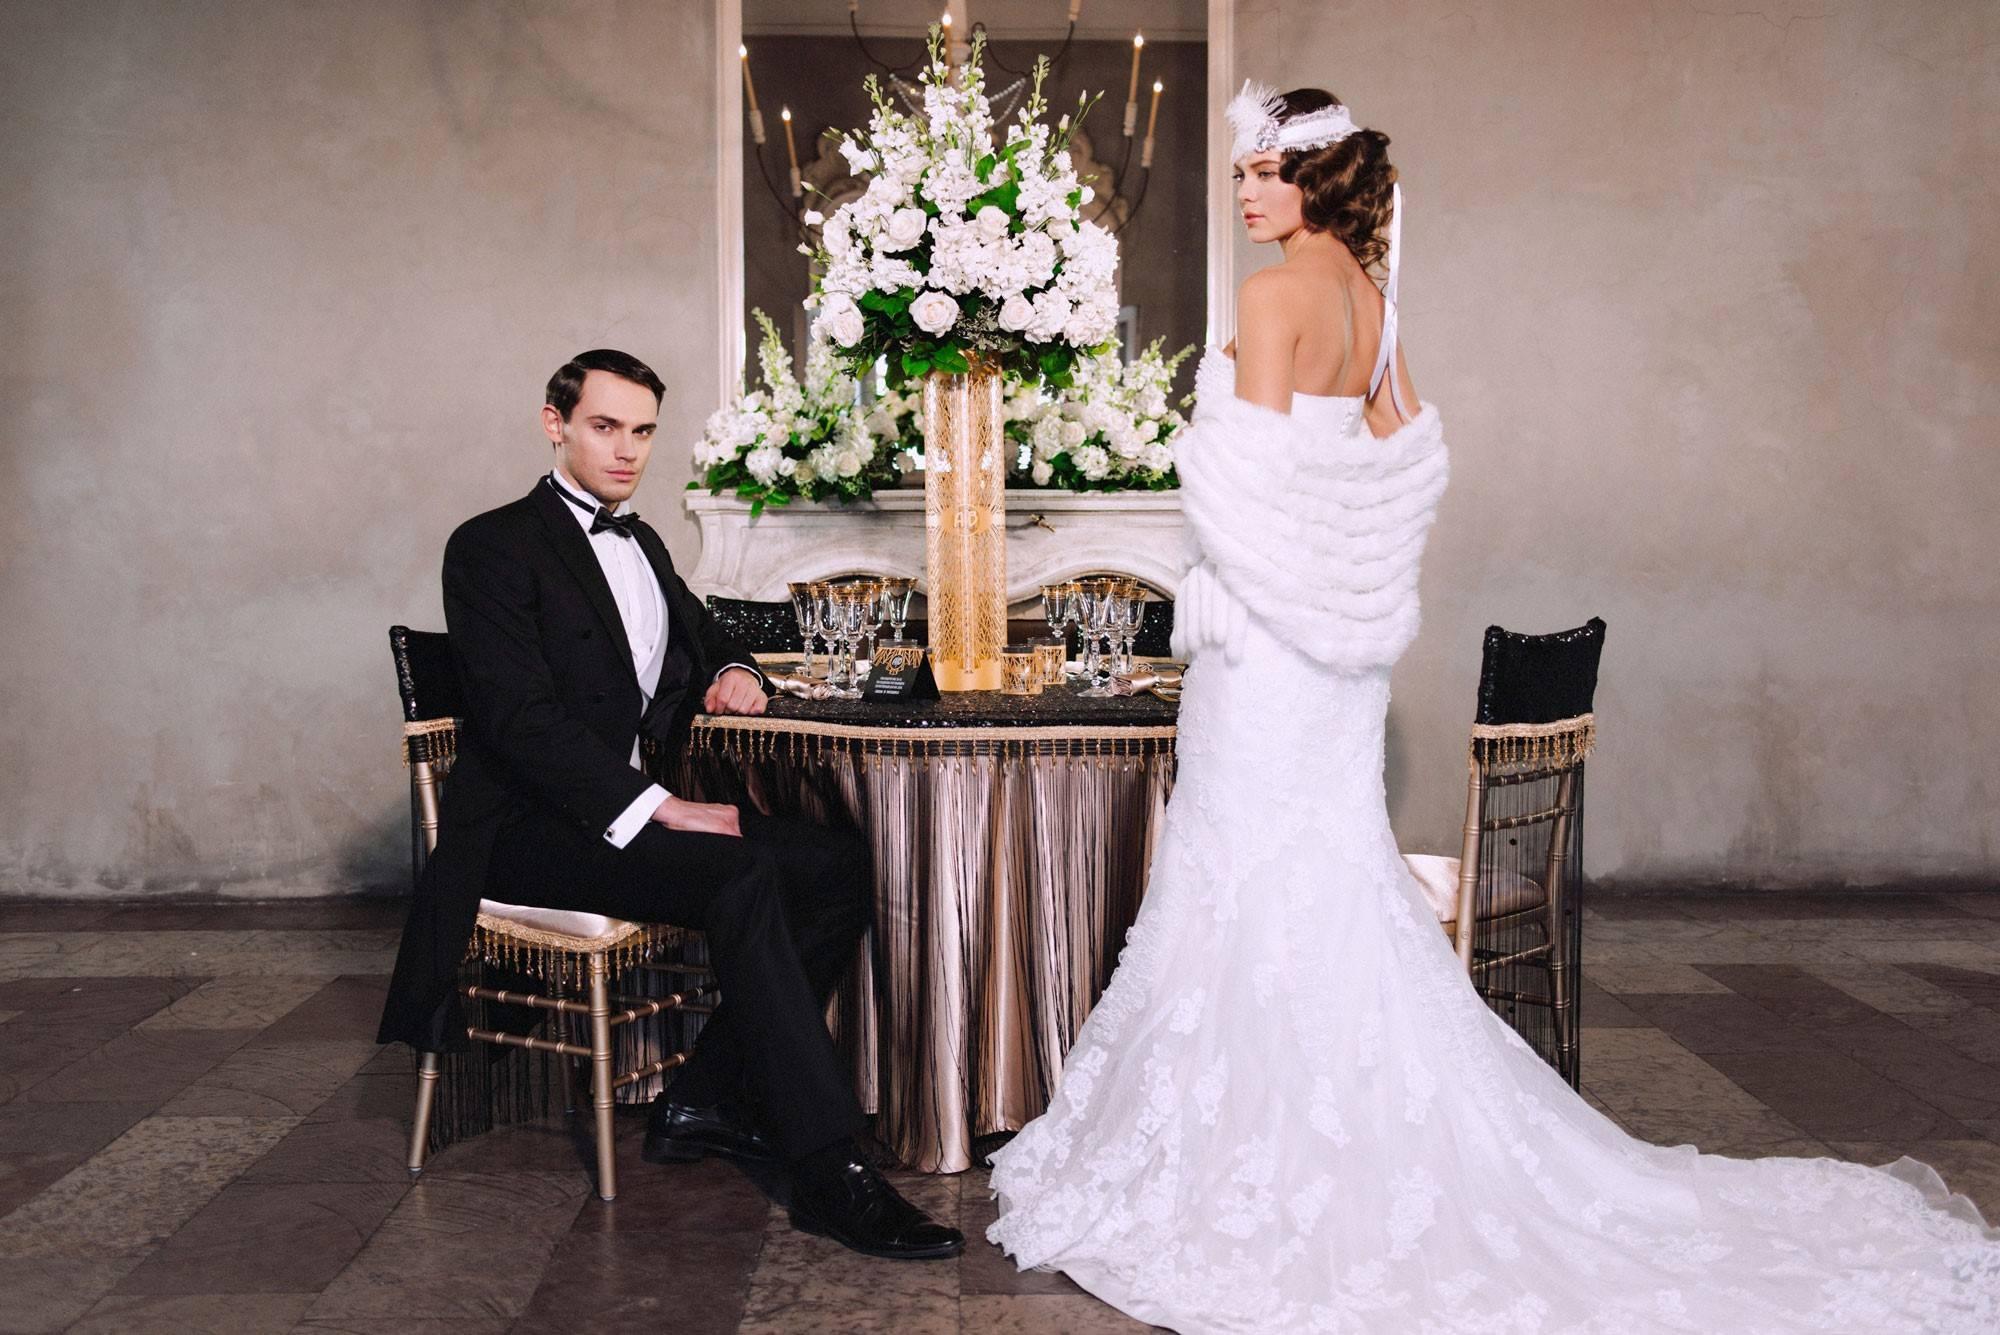 Свадьба в мятном цвете, интересные советы по организации